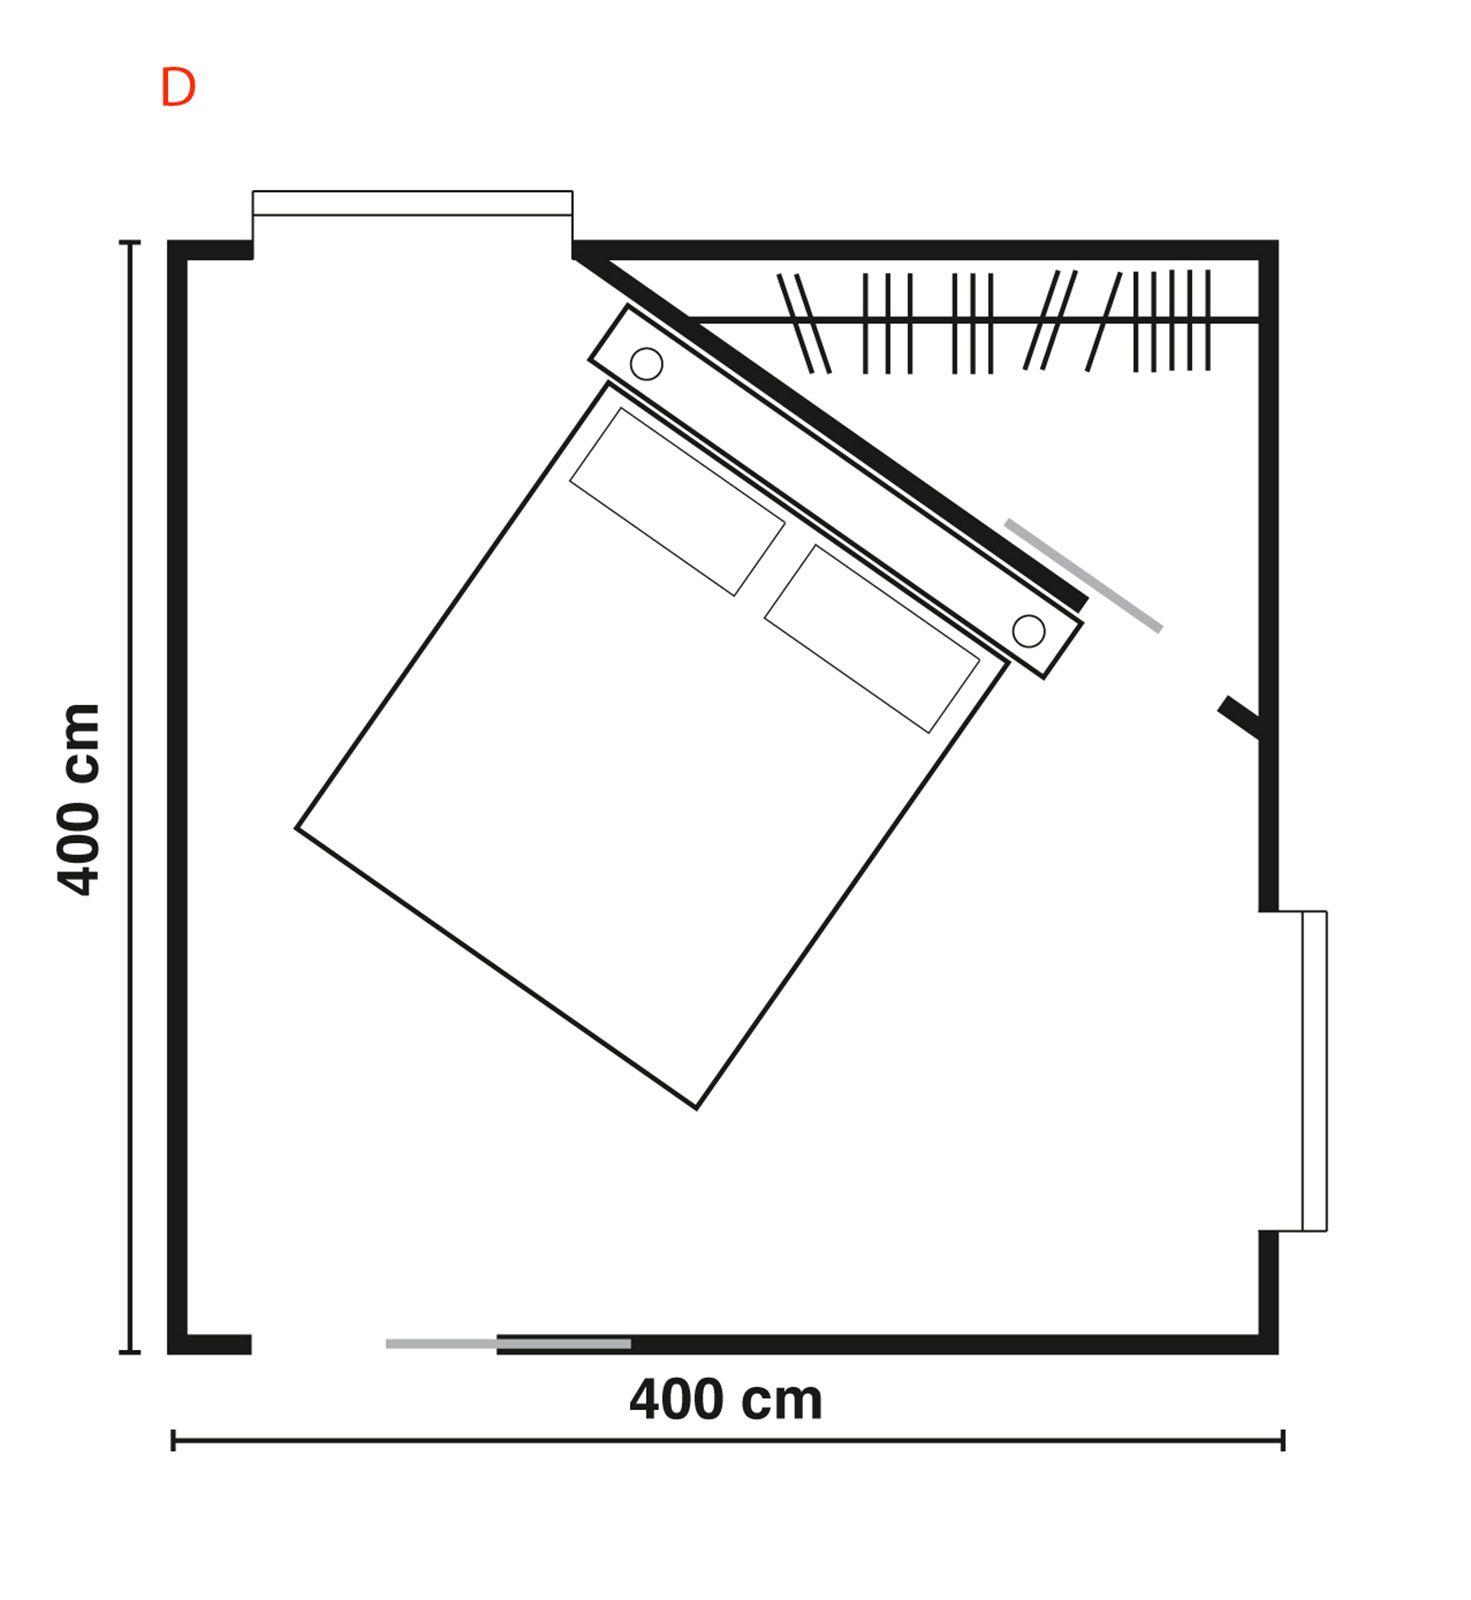 Cabine armadio progettiamo insieme lo spazio cabina for Piccole planimetrie della cabina avvolgono il portico